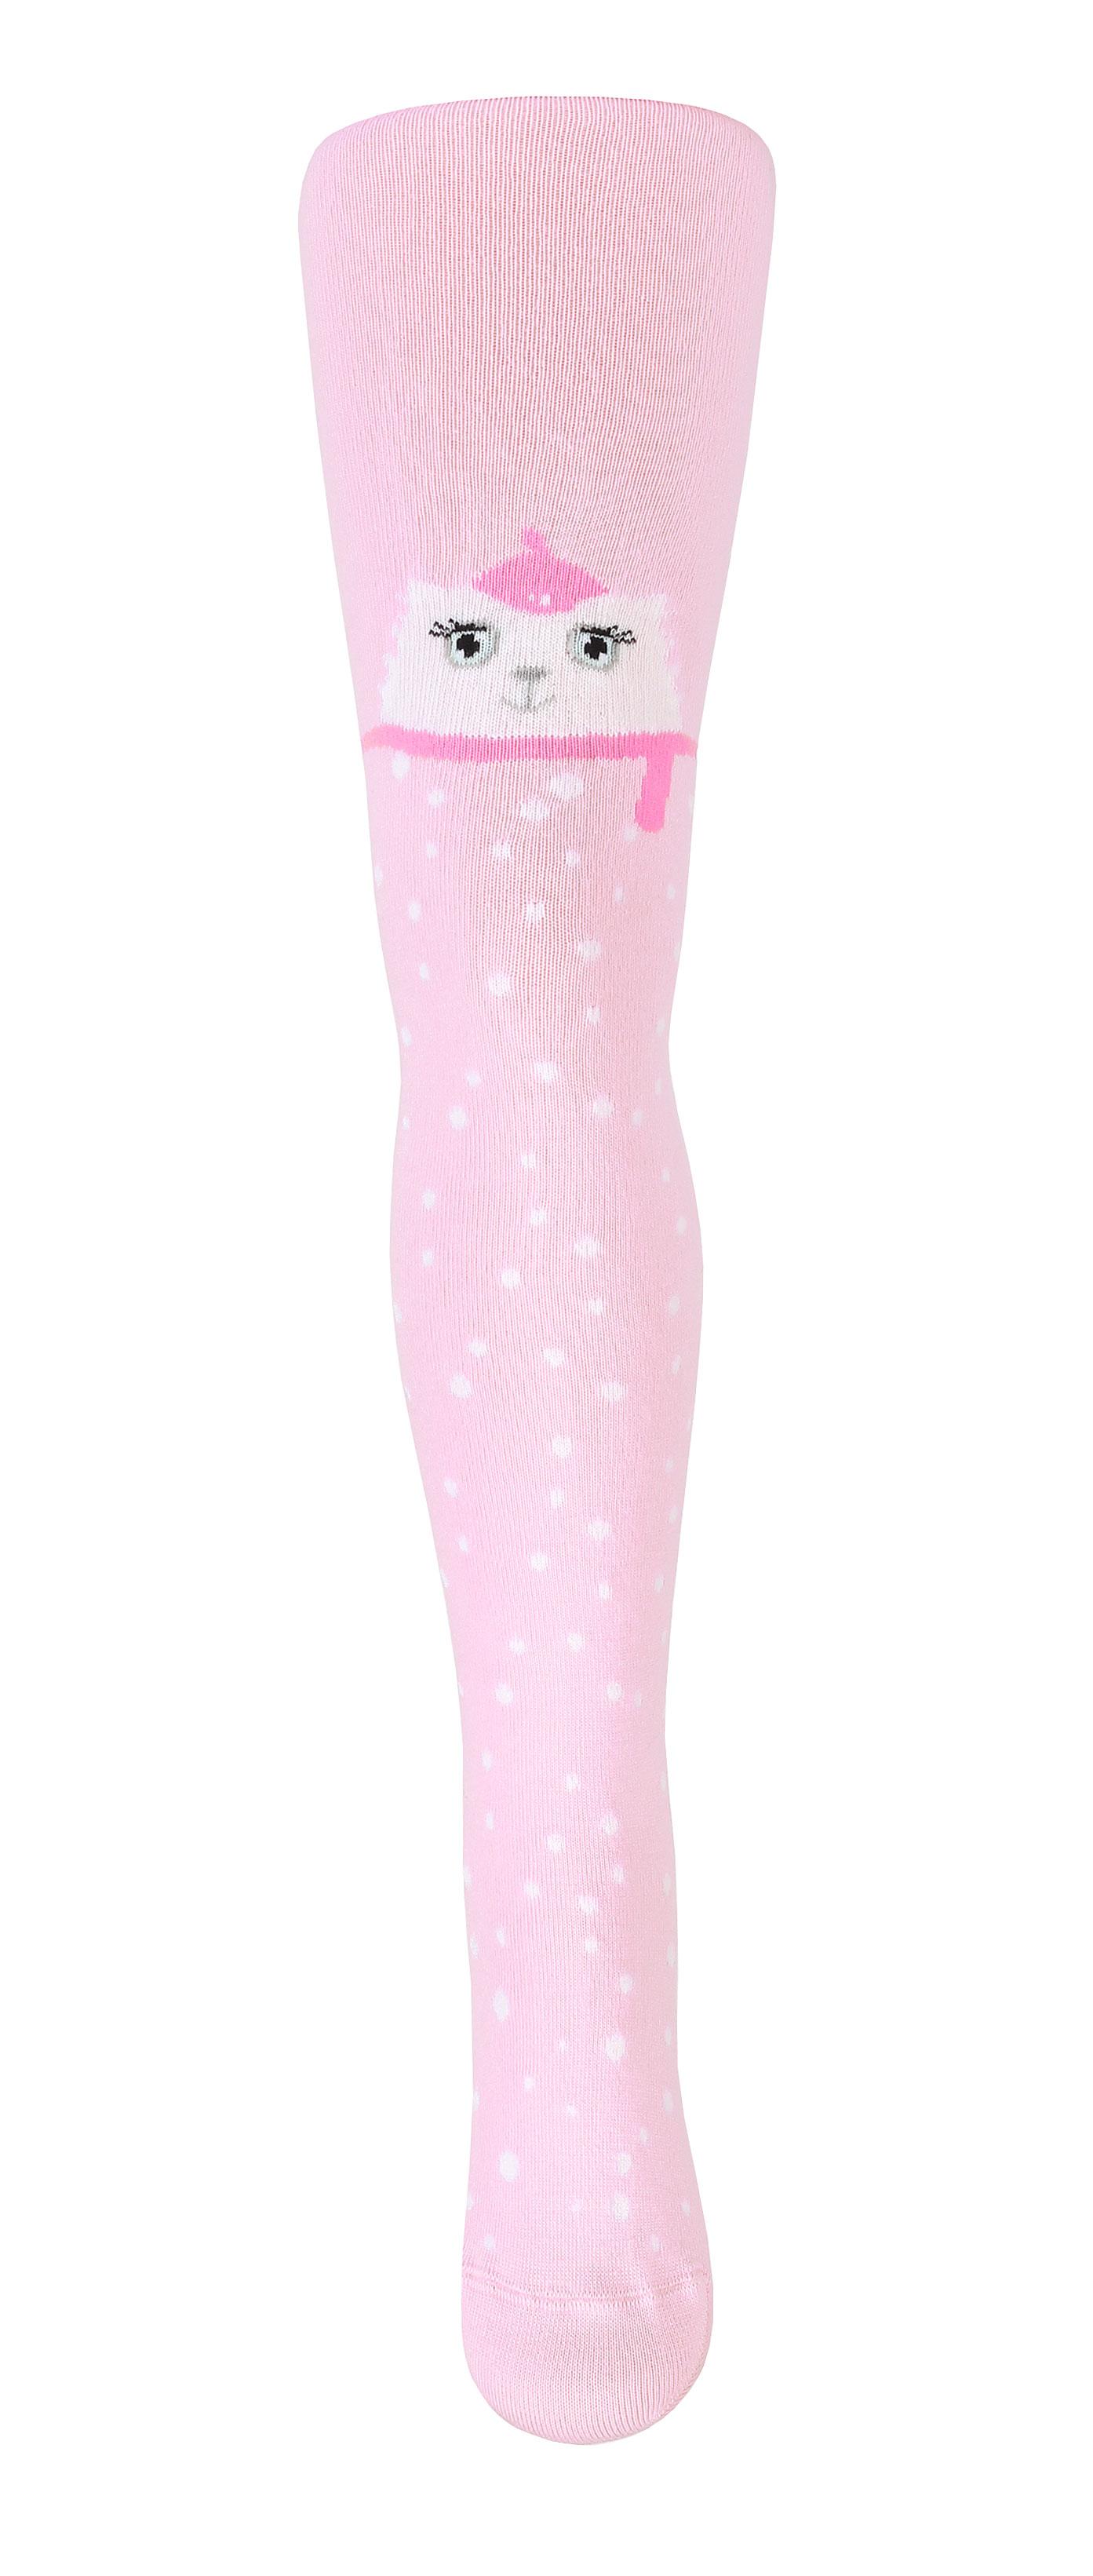 Dětské vzorované punčocháče WOLA KOČIČKA růžové Velikost: 92-98